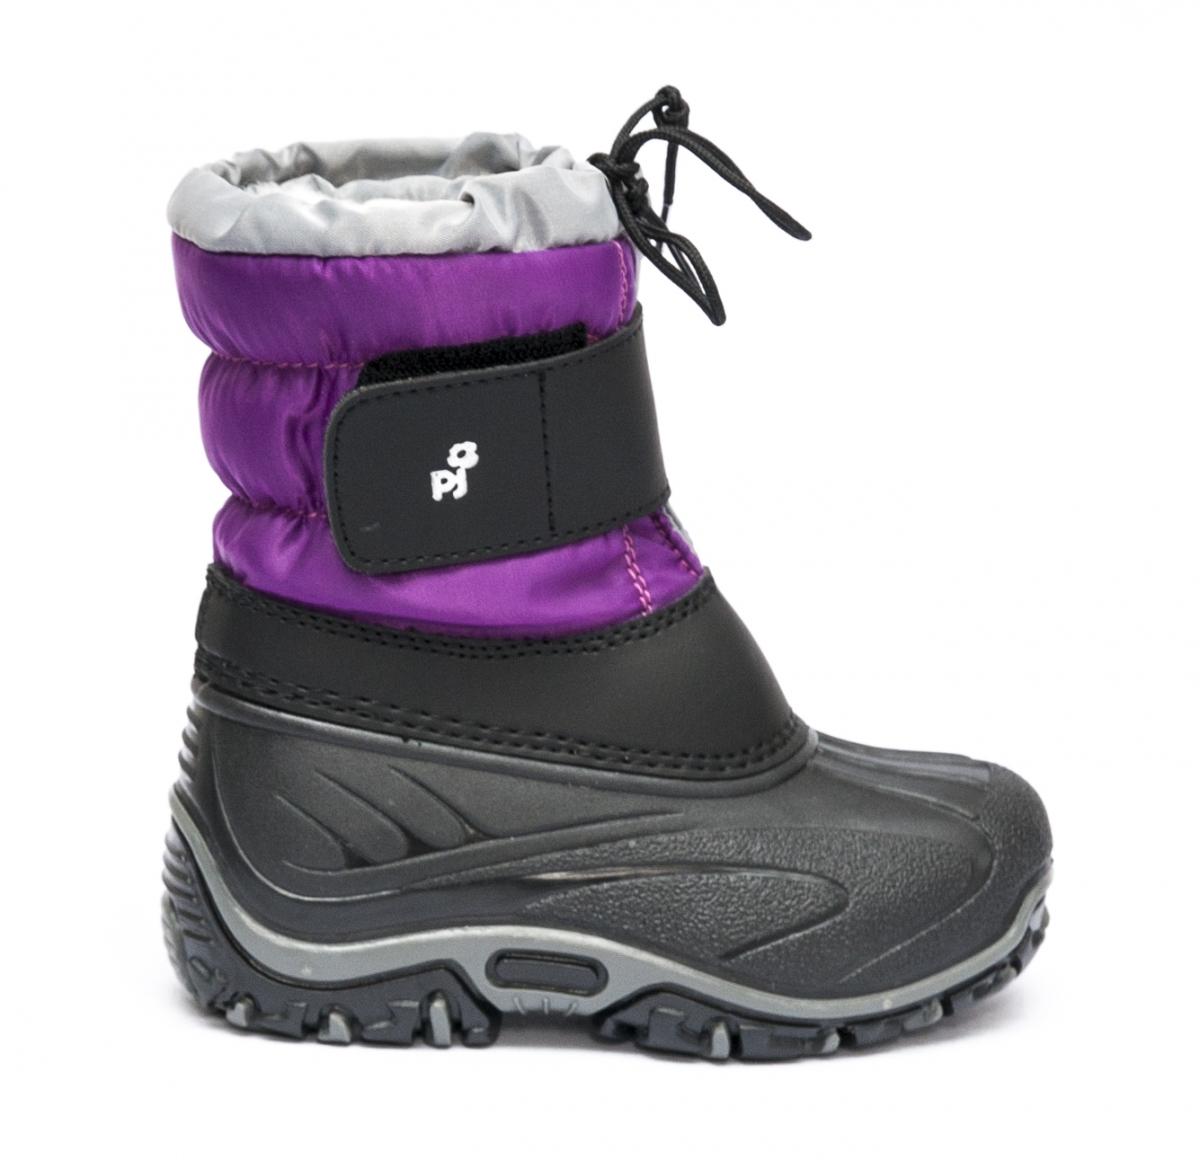 Incaltaminte copii de iarna cu blana pj shoes Fun rosu negru 21-36